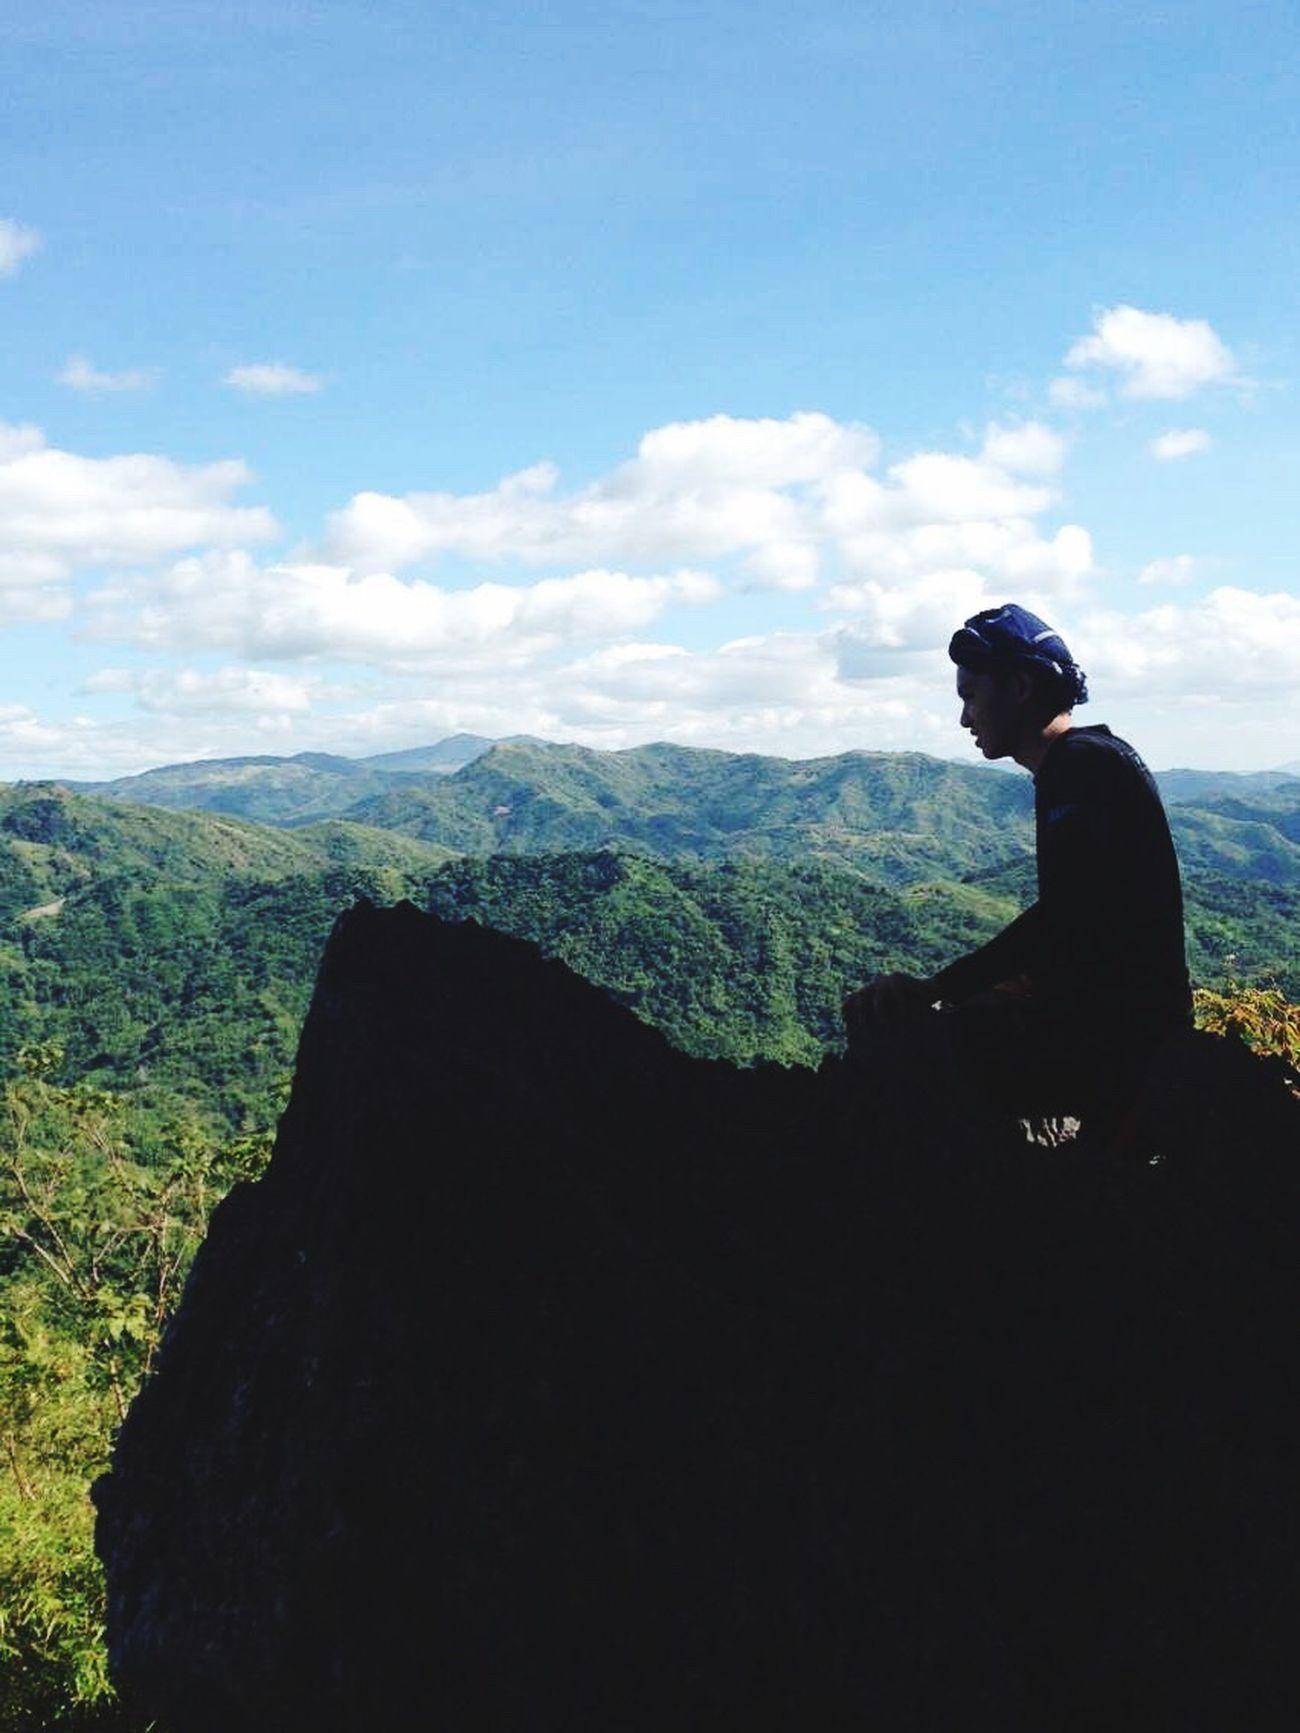 Mtpamitinan Rizal Mountainclimb